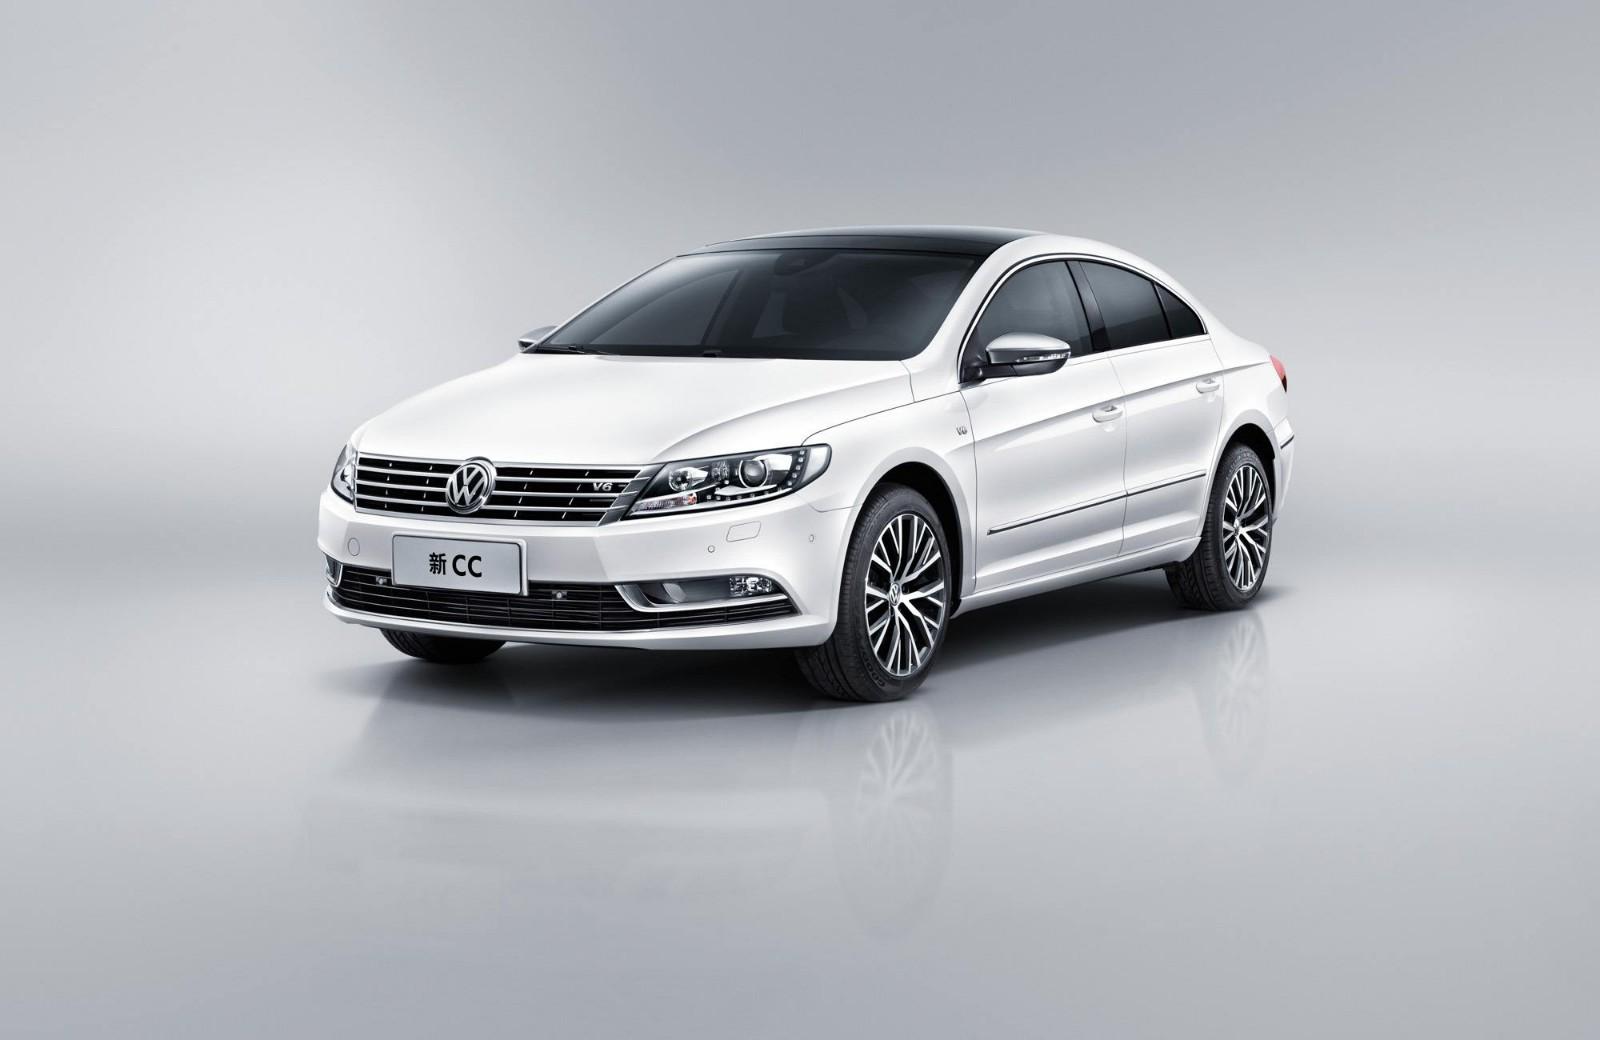 大众汽车桑塔纳_一汽大众与上海大众各有什么车型?要全的_百度知道